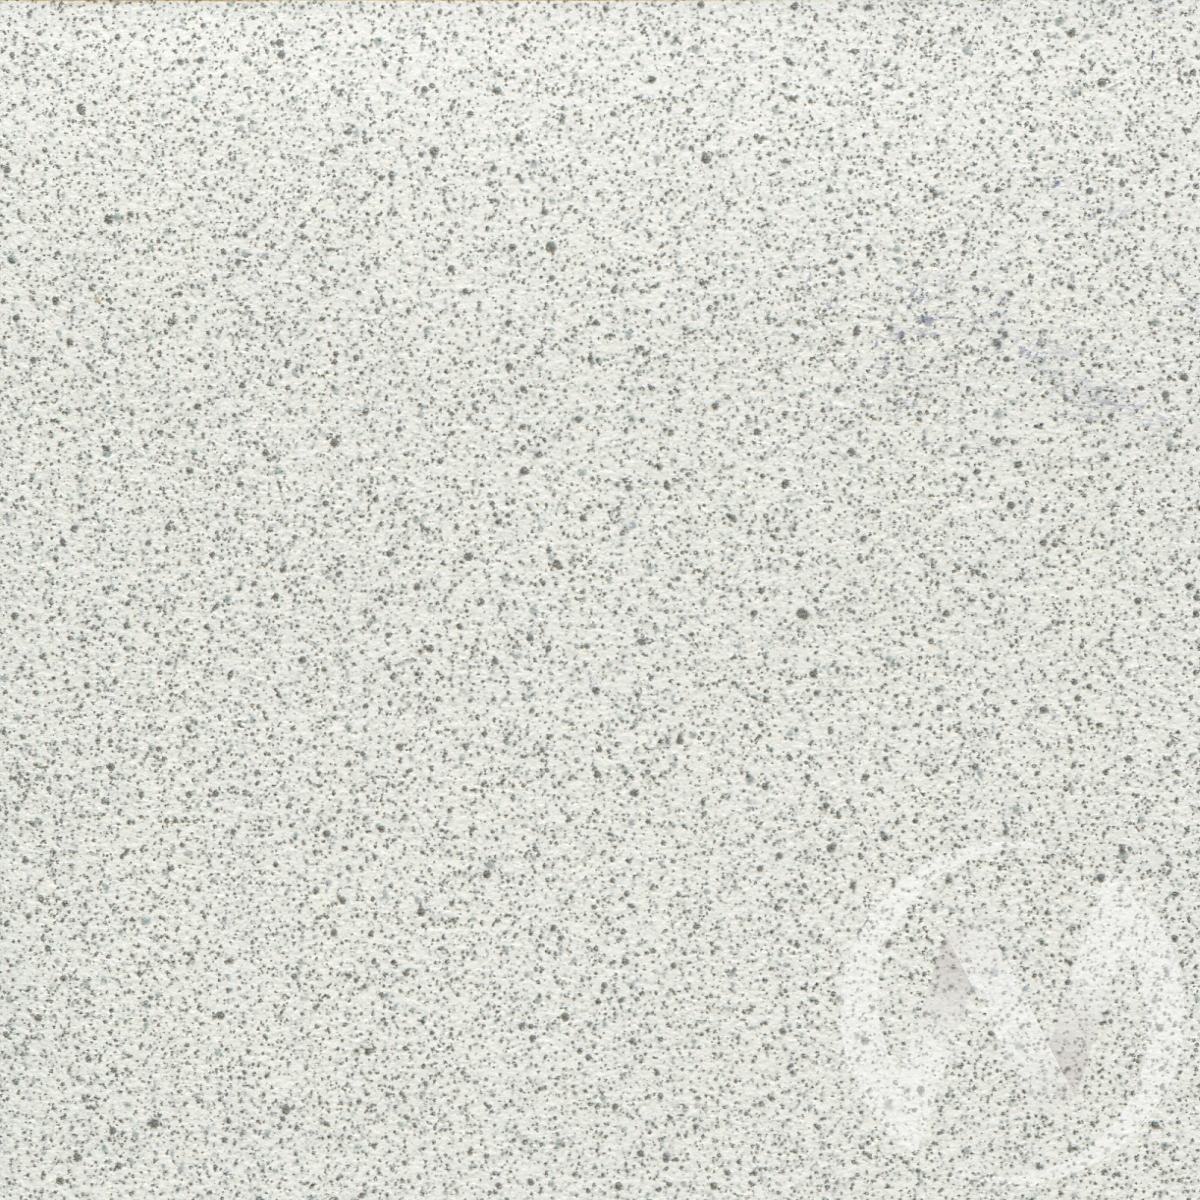 Мебельный щит 3000*600/4мм № 4040 сахара белая недорого в Томске — интернет-магазин авторской мебели Экостиль